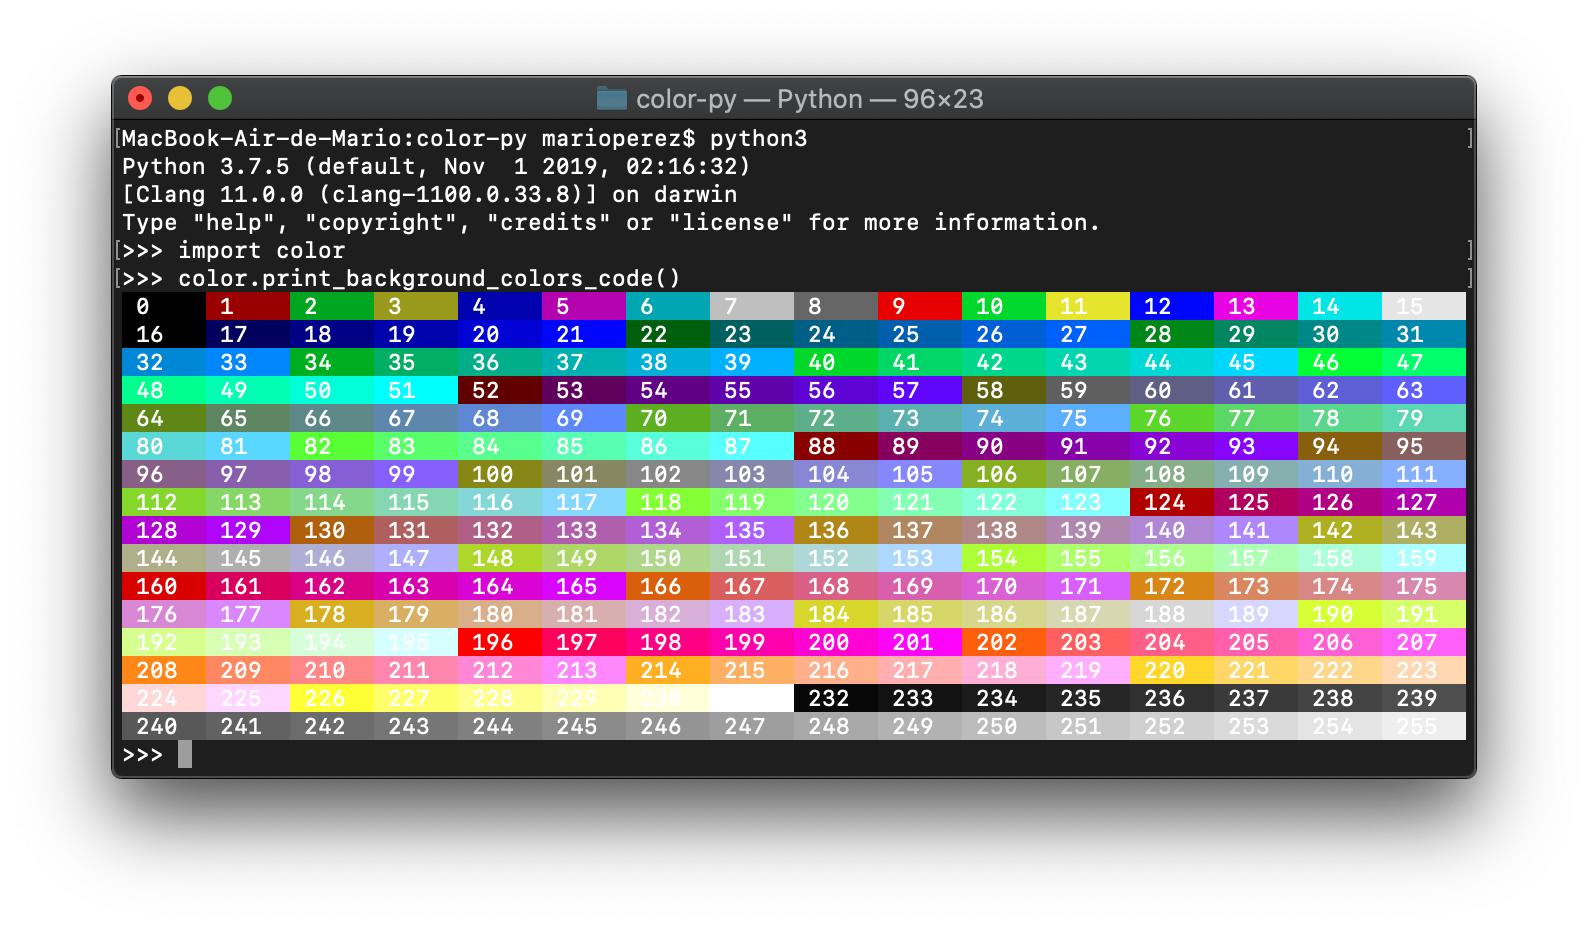 Imprimer los 256 colores de fondo en Python